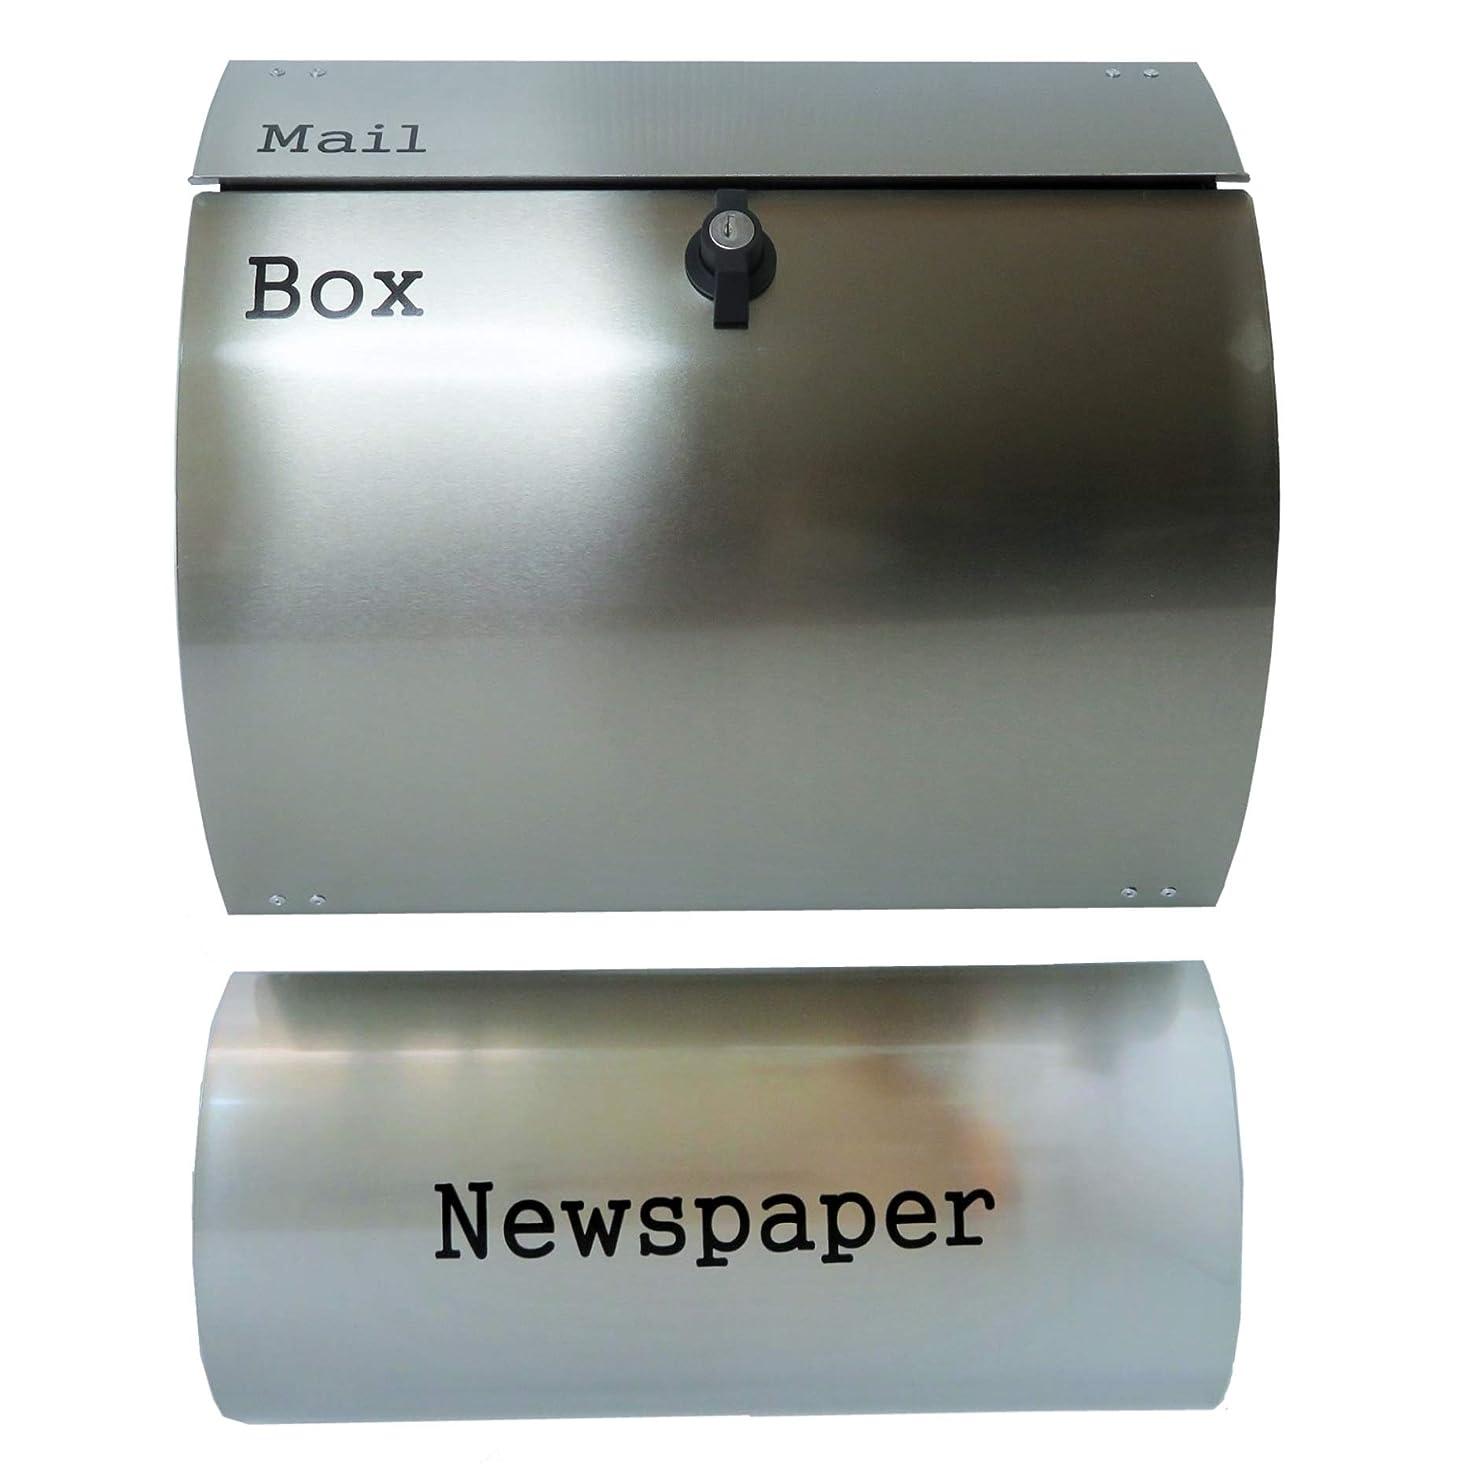 ひばり問題書き込み郵便ポスト郵便受けメールボックス壁掛けシルバーステンレス色プレミアムステンレスポストpm062